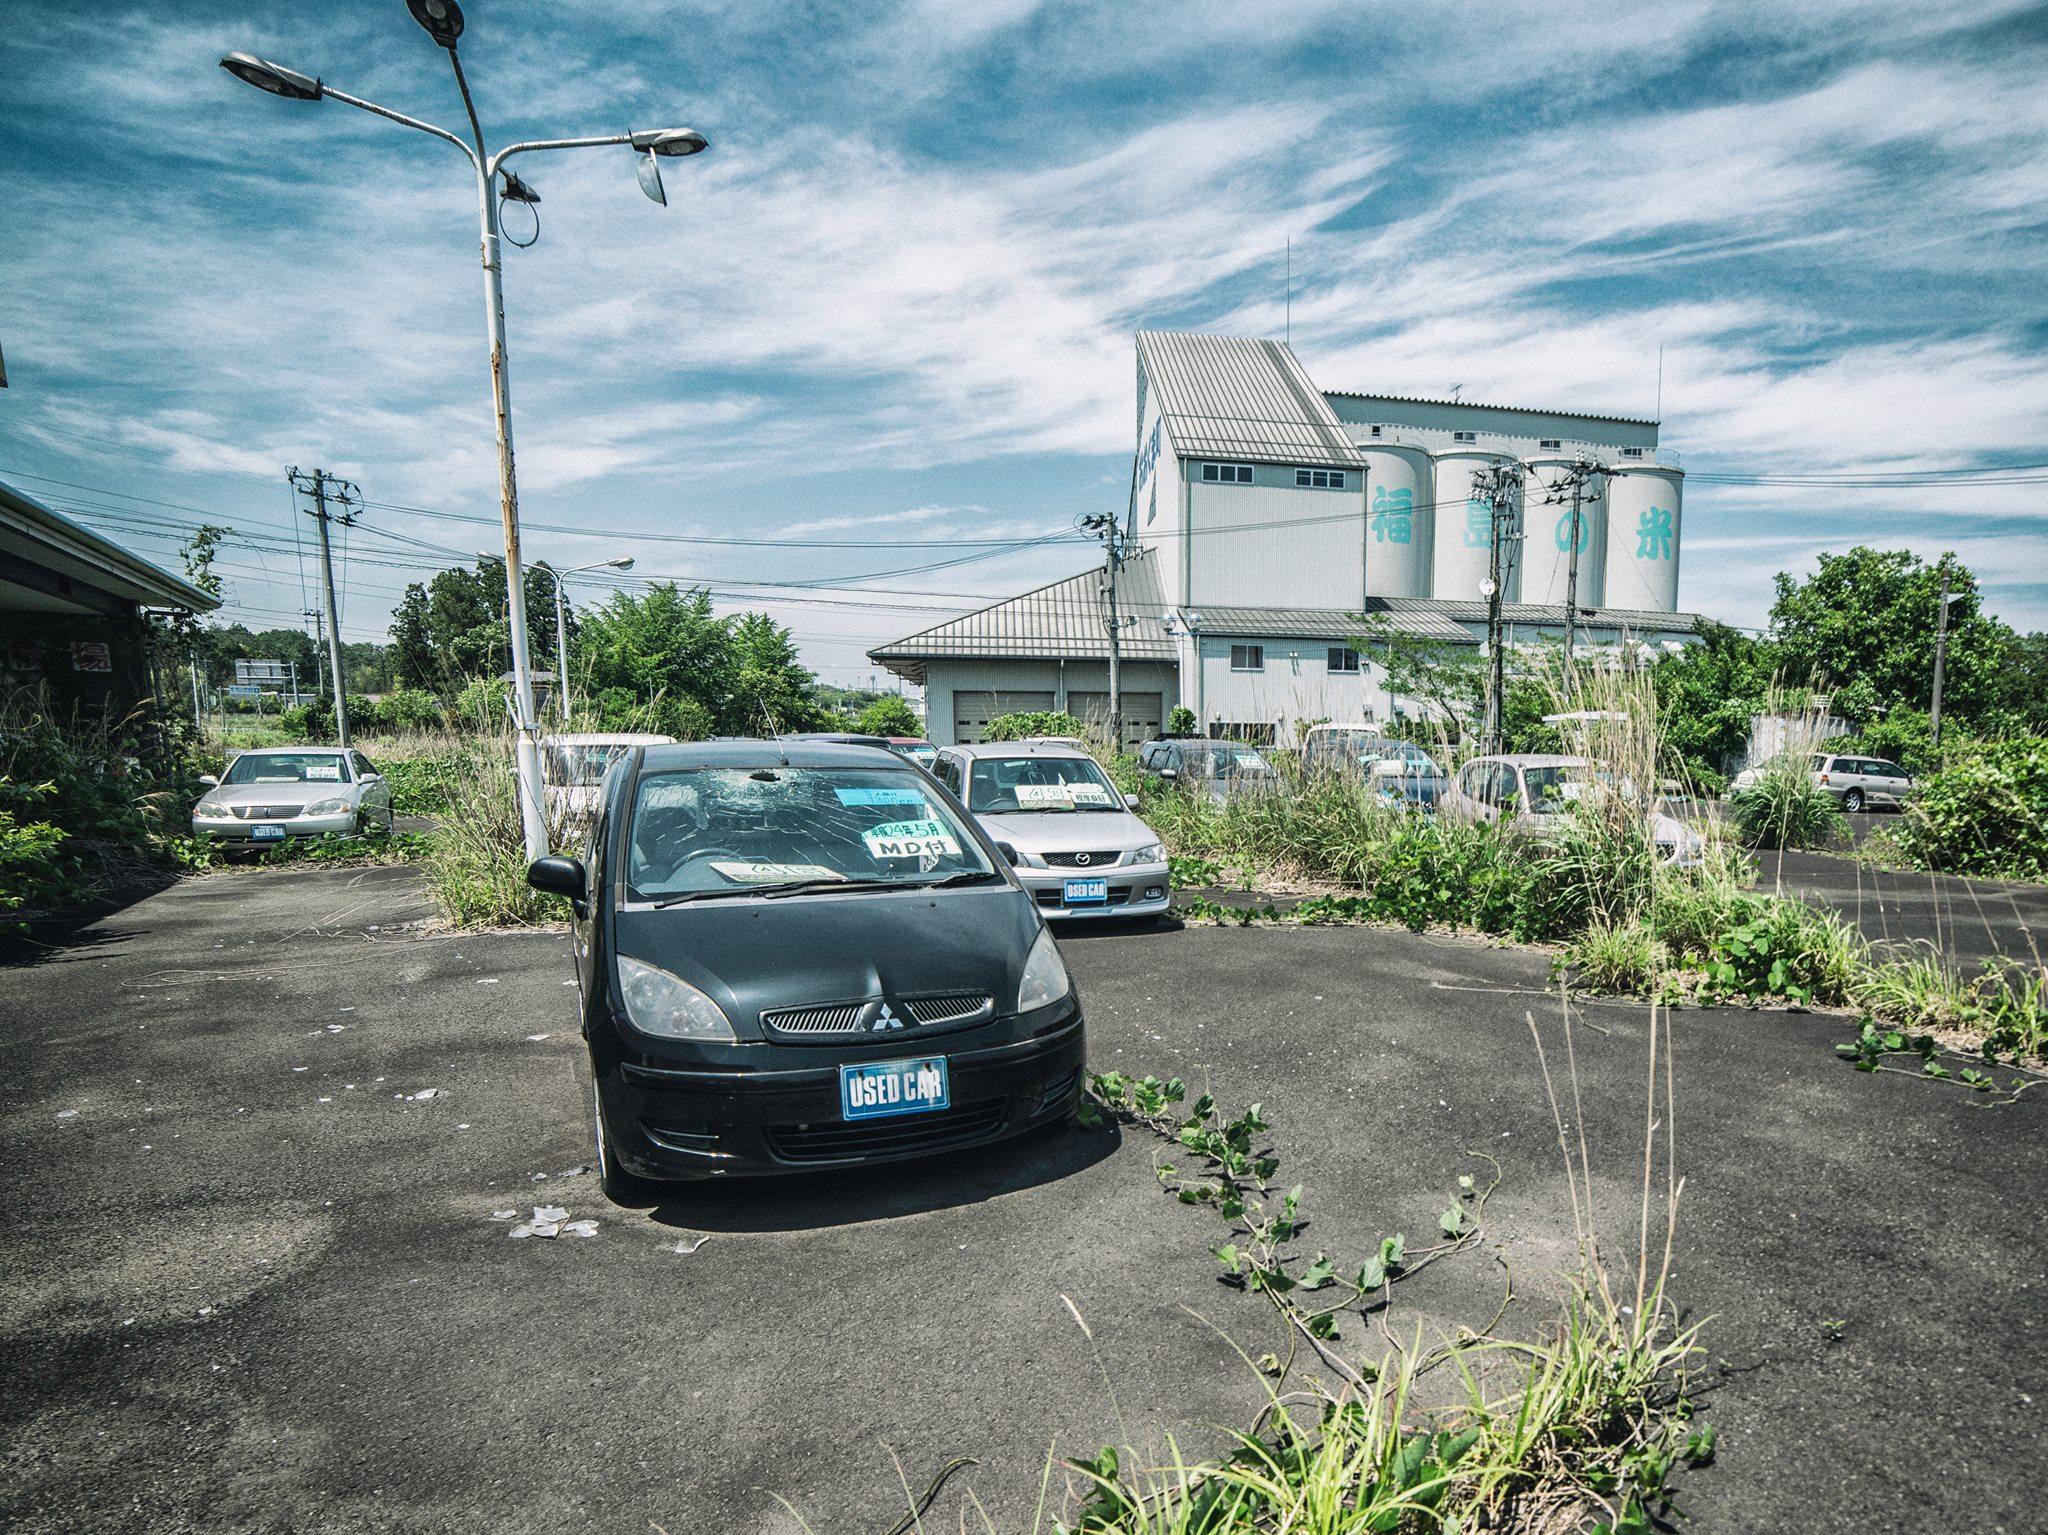 como es fukushima 5 años después del desastre 15